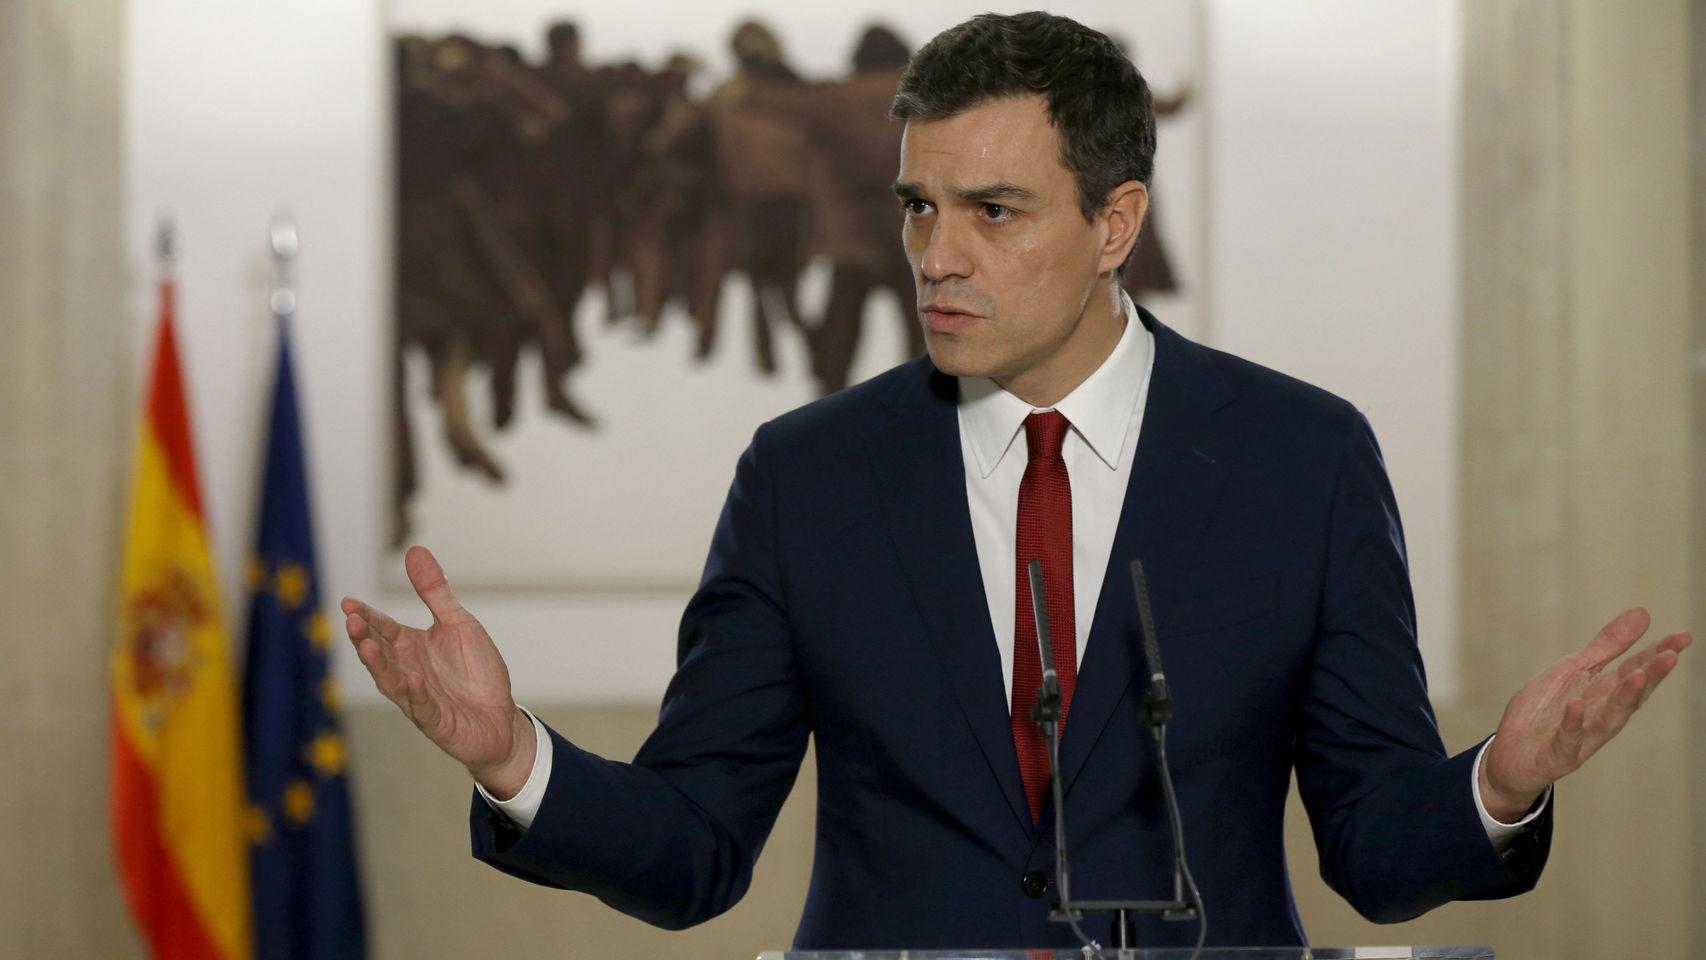 Третьи выборы в парламент Испании за последние четыре года пройдут в апр...